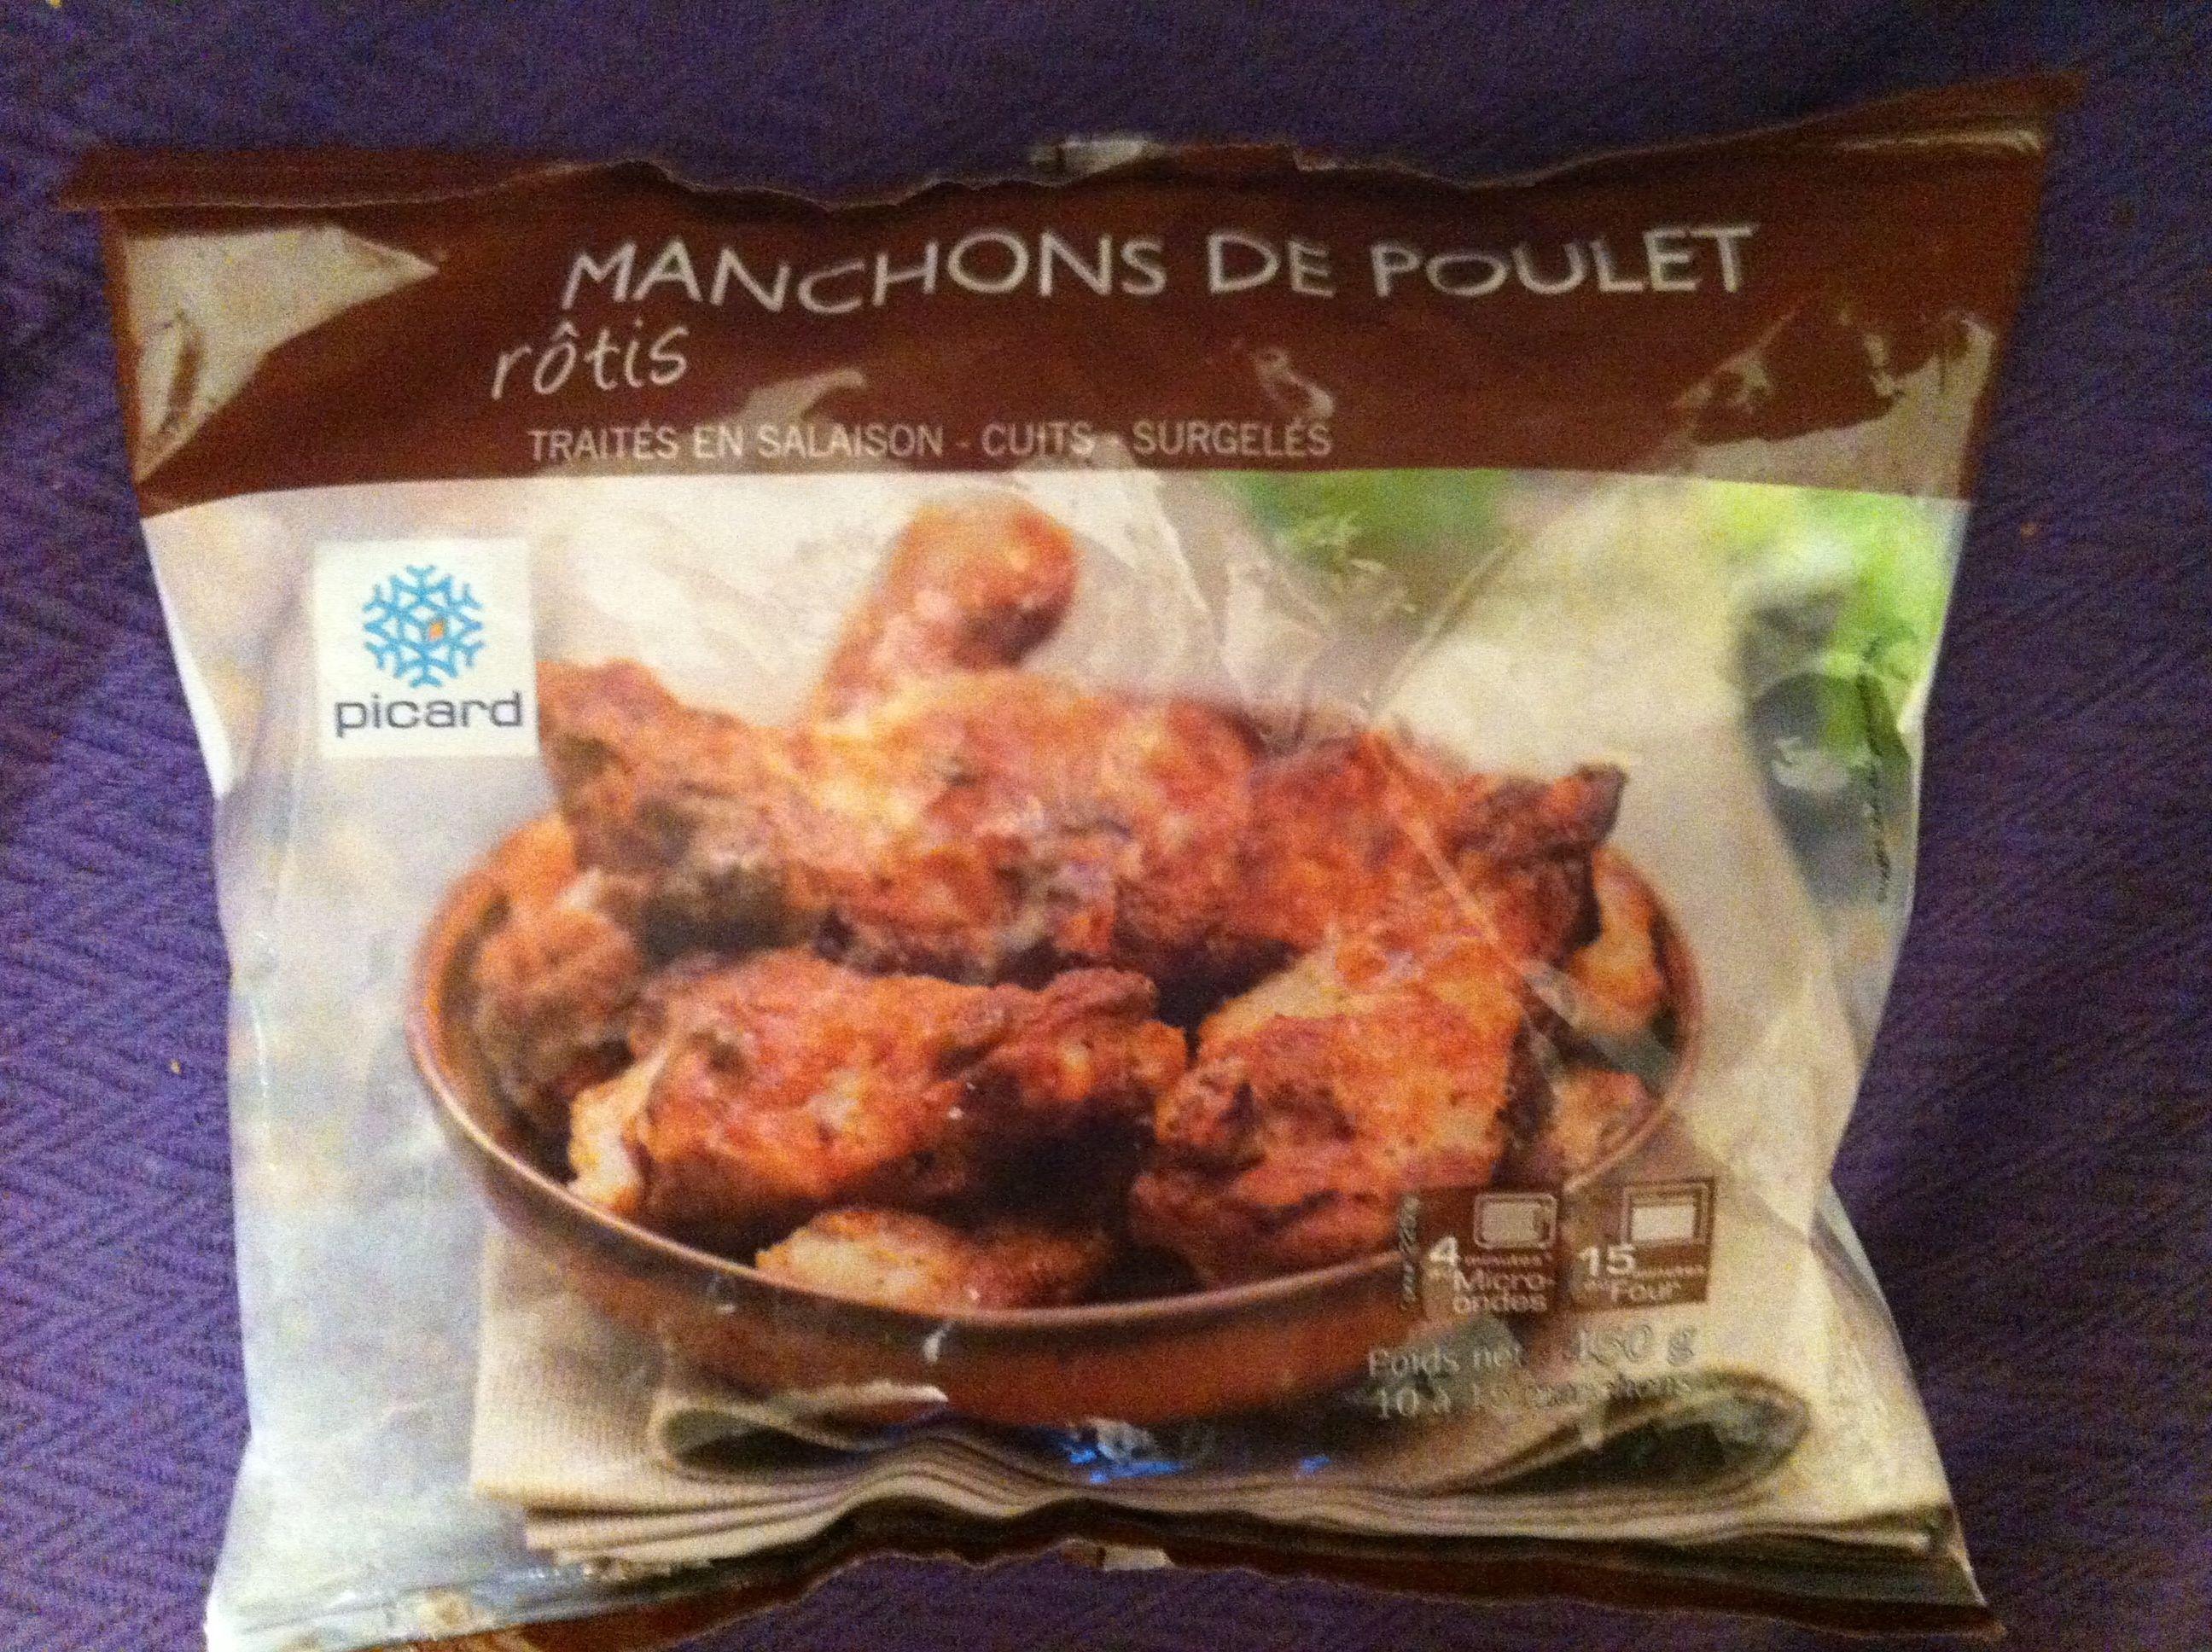 Manchons de poulets rôti surgelés - Produit - fr